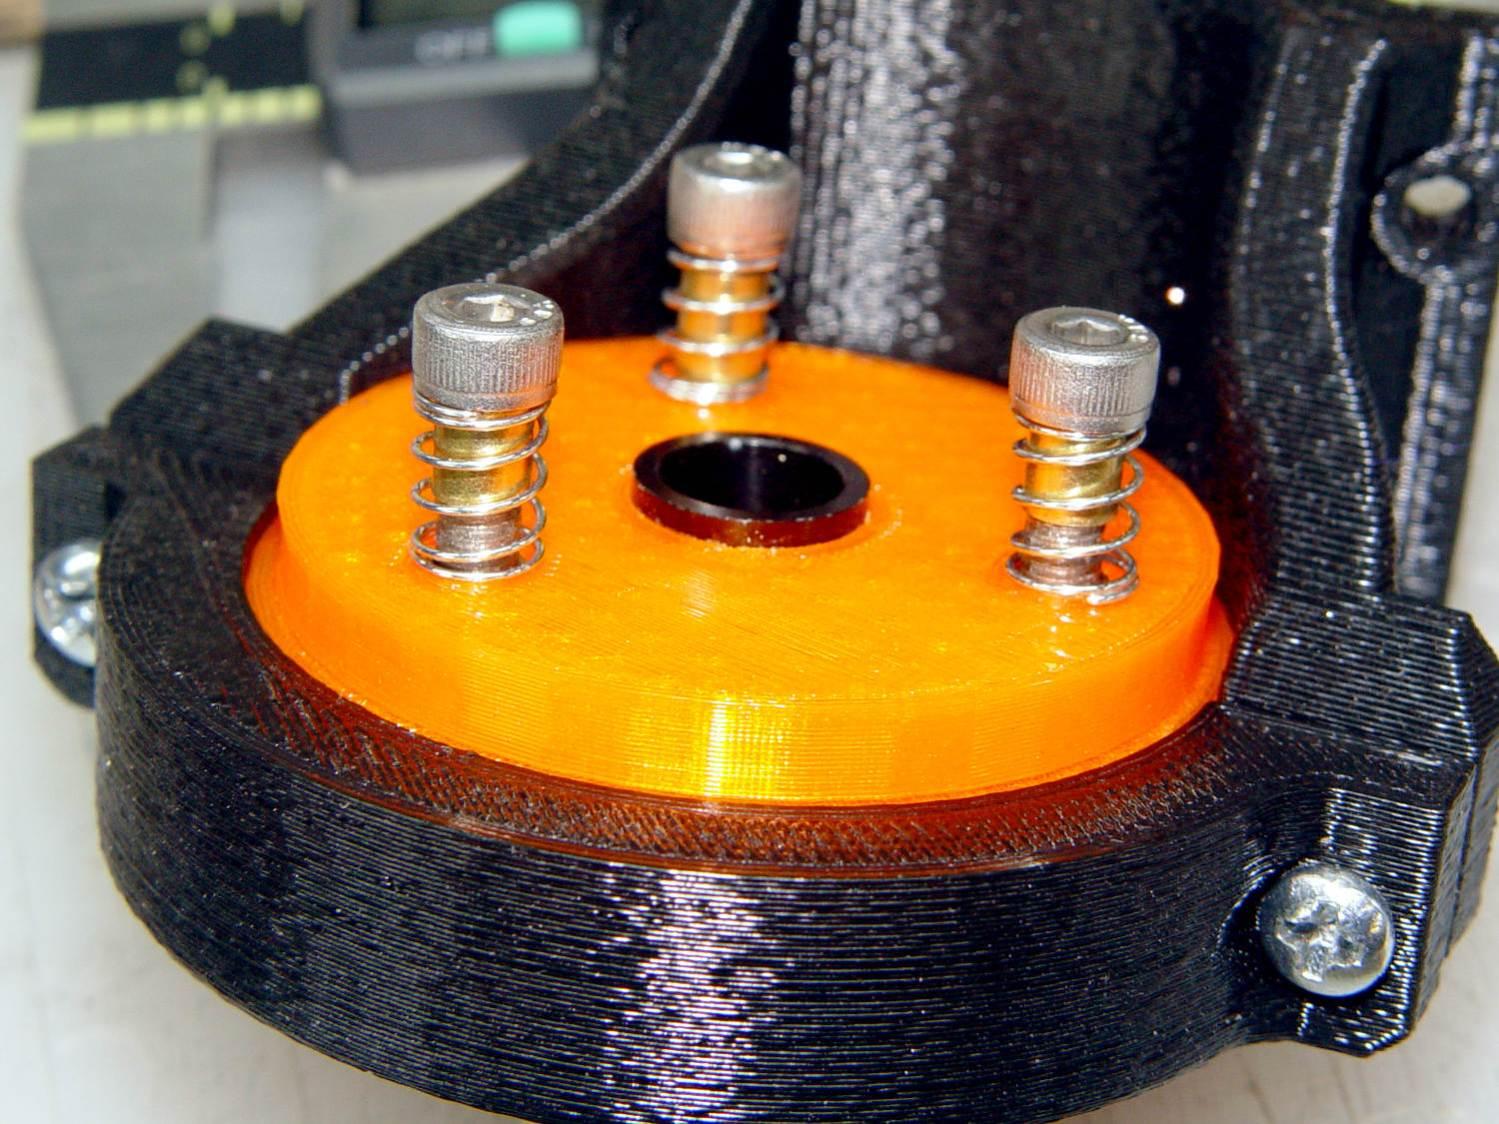 Drag Knife - LM12UU holder - assembled